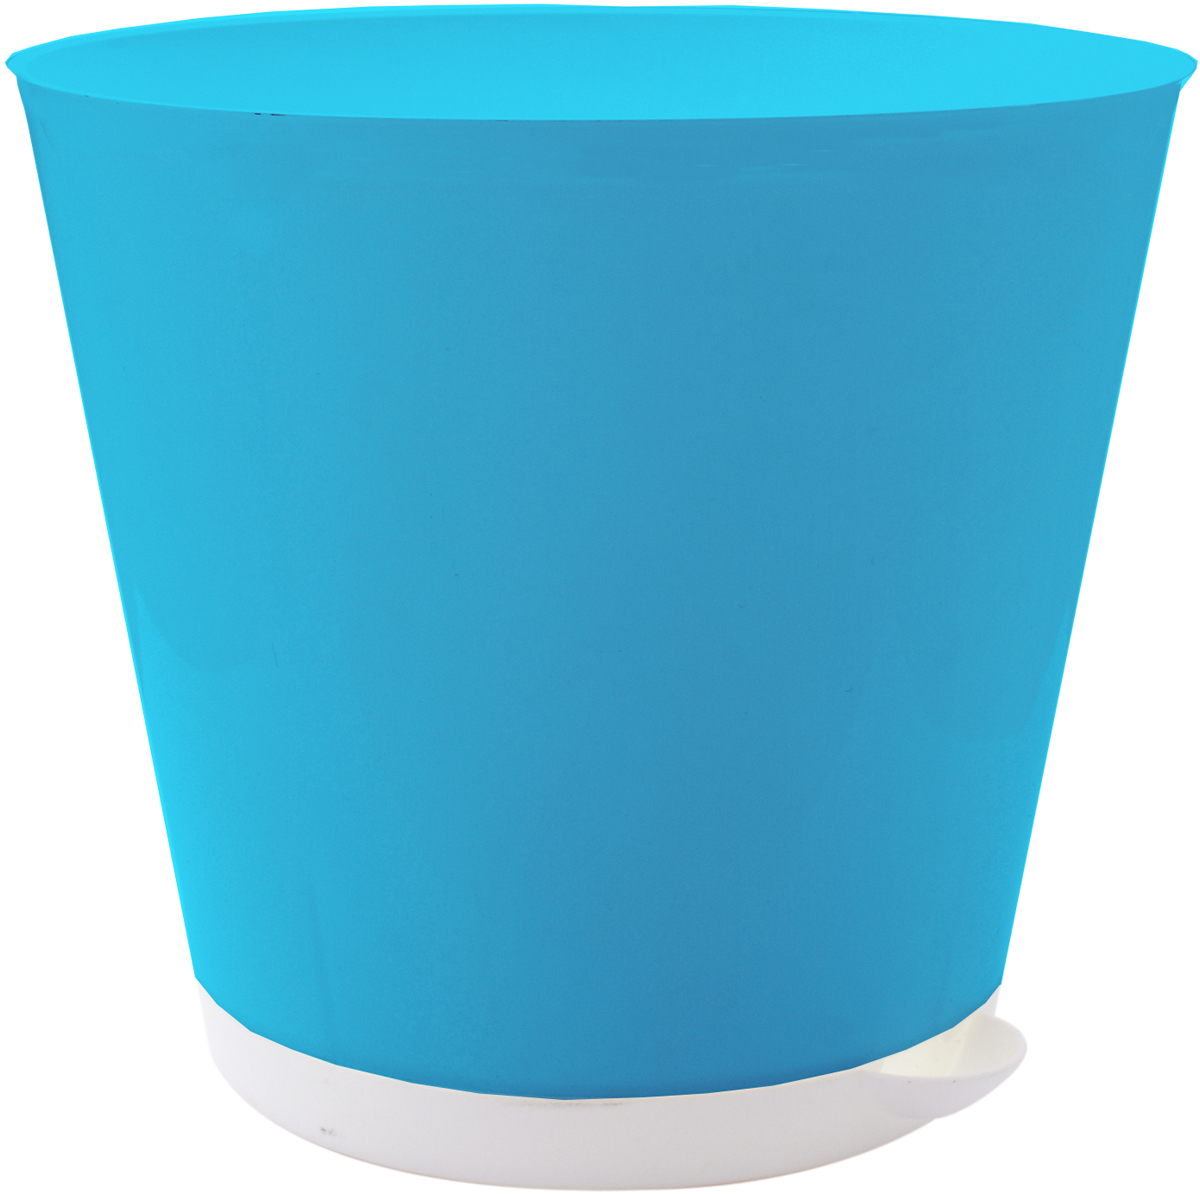 Горшок для цветов InGreen Крит, с системой прикорневого полива, цвет: светло-синий, белый, диаметр 25,4 см02861_1Горшок InGreen Крит, выполненный из высококачественного пластика, предназначен для выращивания комнатных цветов, растений и трав. Специальная конструкция обеспечивает вентиляцию в корневой системе растения, а дренажные отверстия позволяют выходить лишней влаге из почвы. Крепежные отверстия и штыри прочно крепят подставку к горшку. Прикорневой полив растения осуществляется через удобный носик. Система прикорневого полива позволяет оставлять комнатное растение без внимания тем, кто часто находится в командировках или собирается в отпуск и не имеет возможности вовремя поливать цветы.Такой горшок порадует вас современным дизайном и функциональностью, а также оригинально украсит интерьер любого помещения. Объем: 7 л.Диаметр горшка (по верхнему краю): 25,4 см.Высота горшка: 22,6 см.